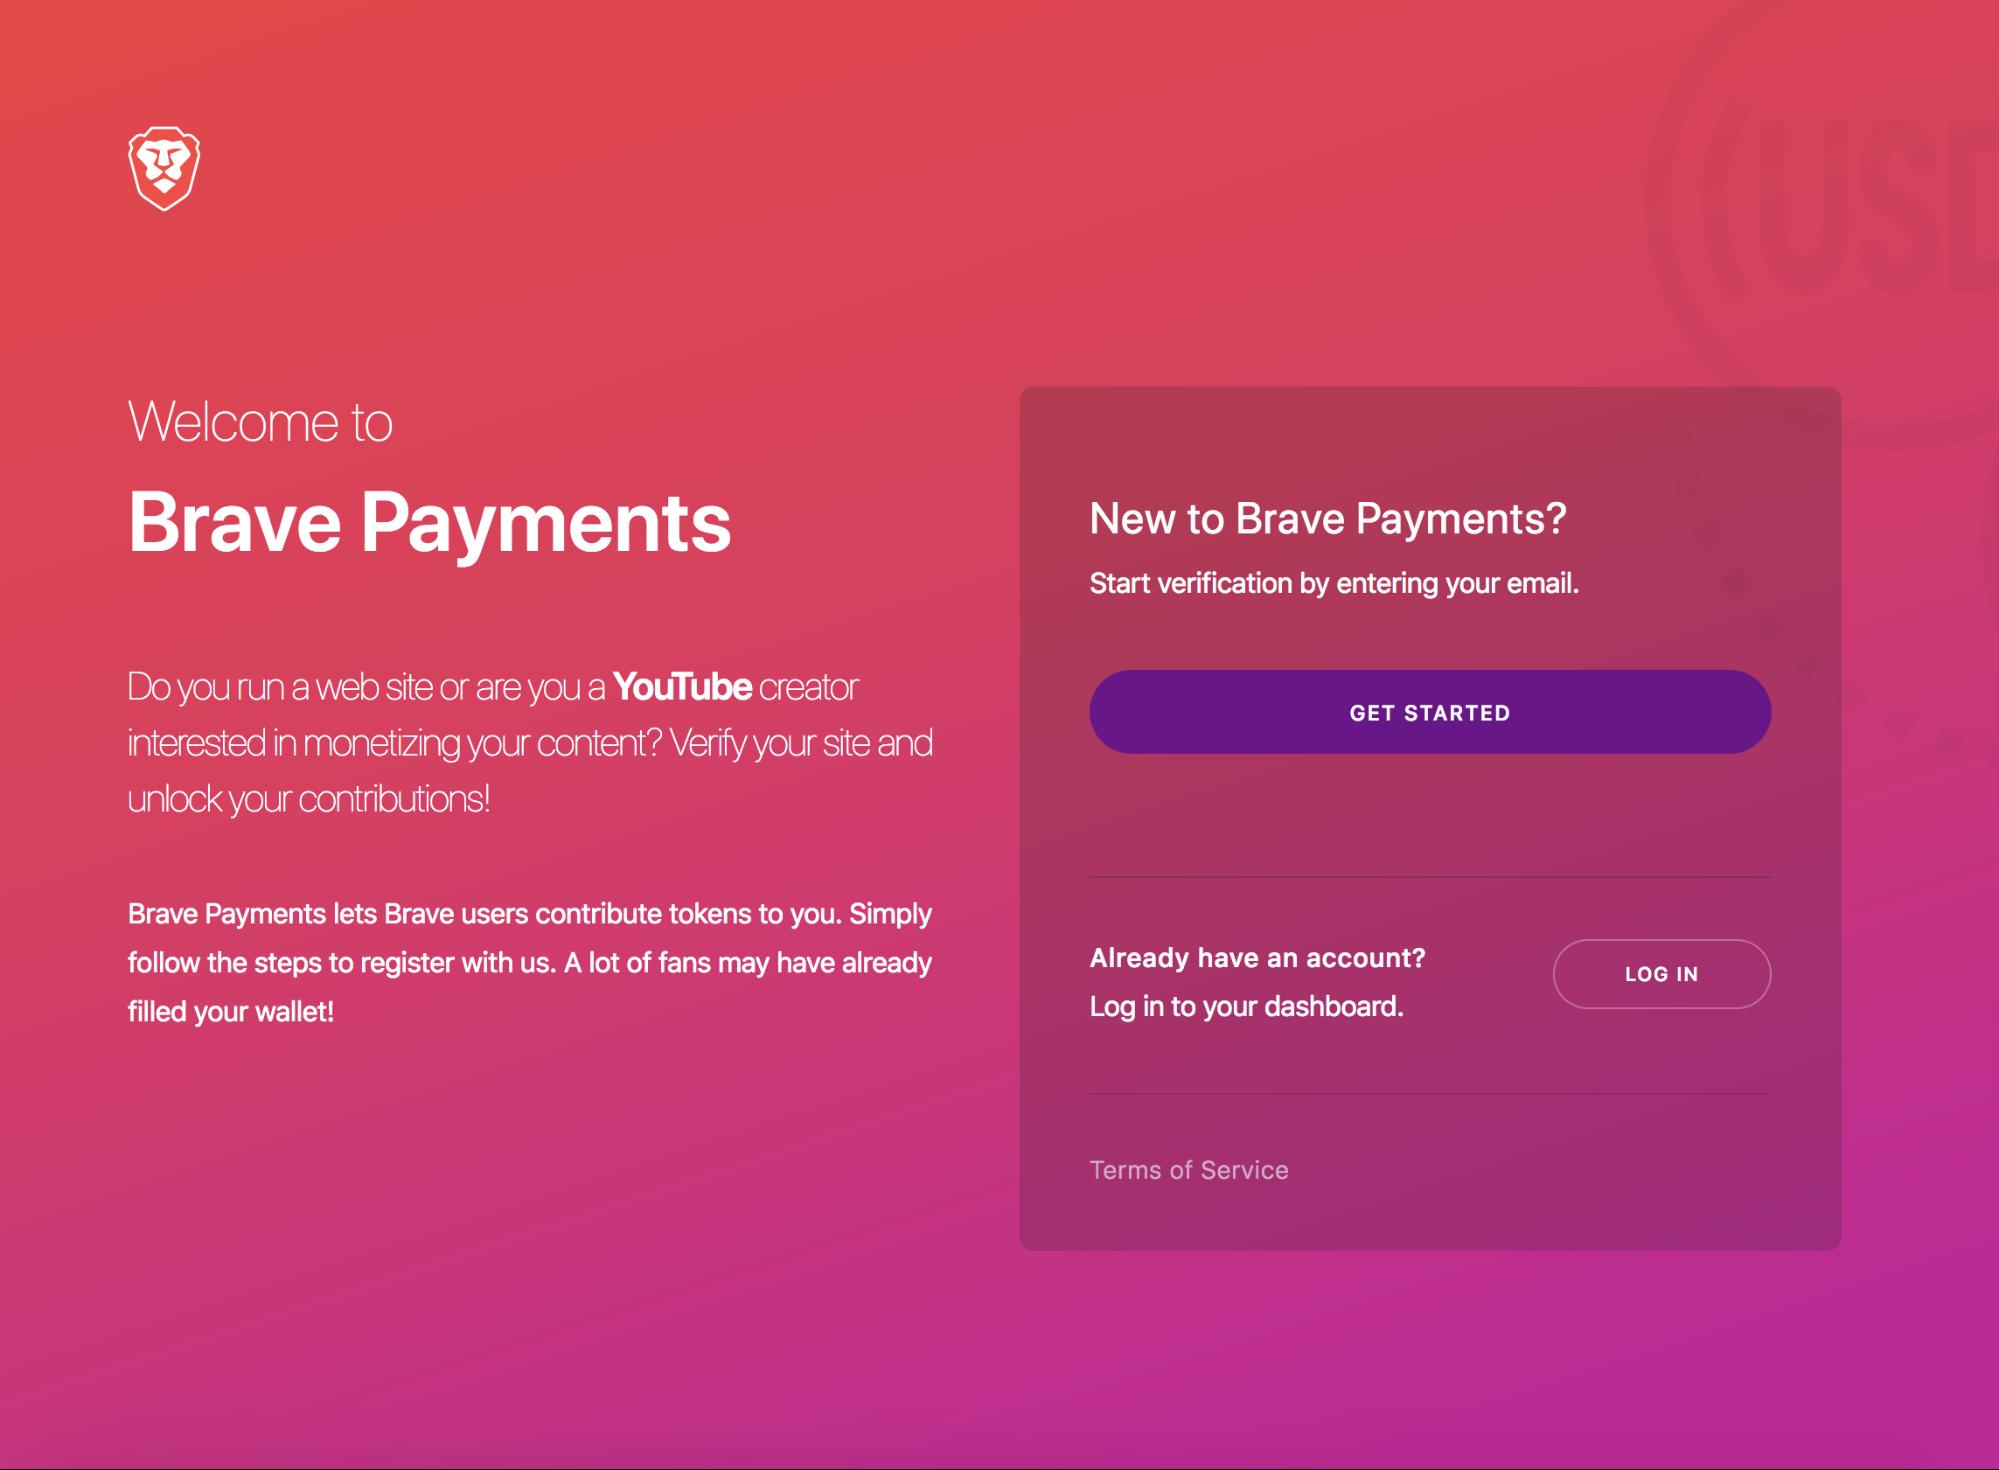 płatności w brave